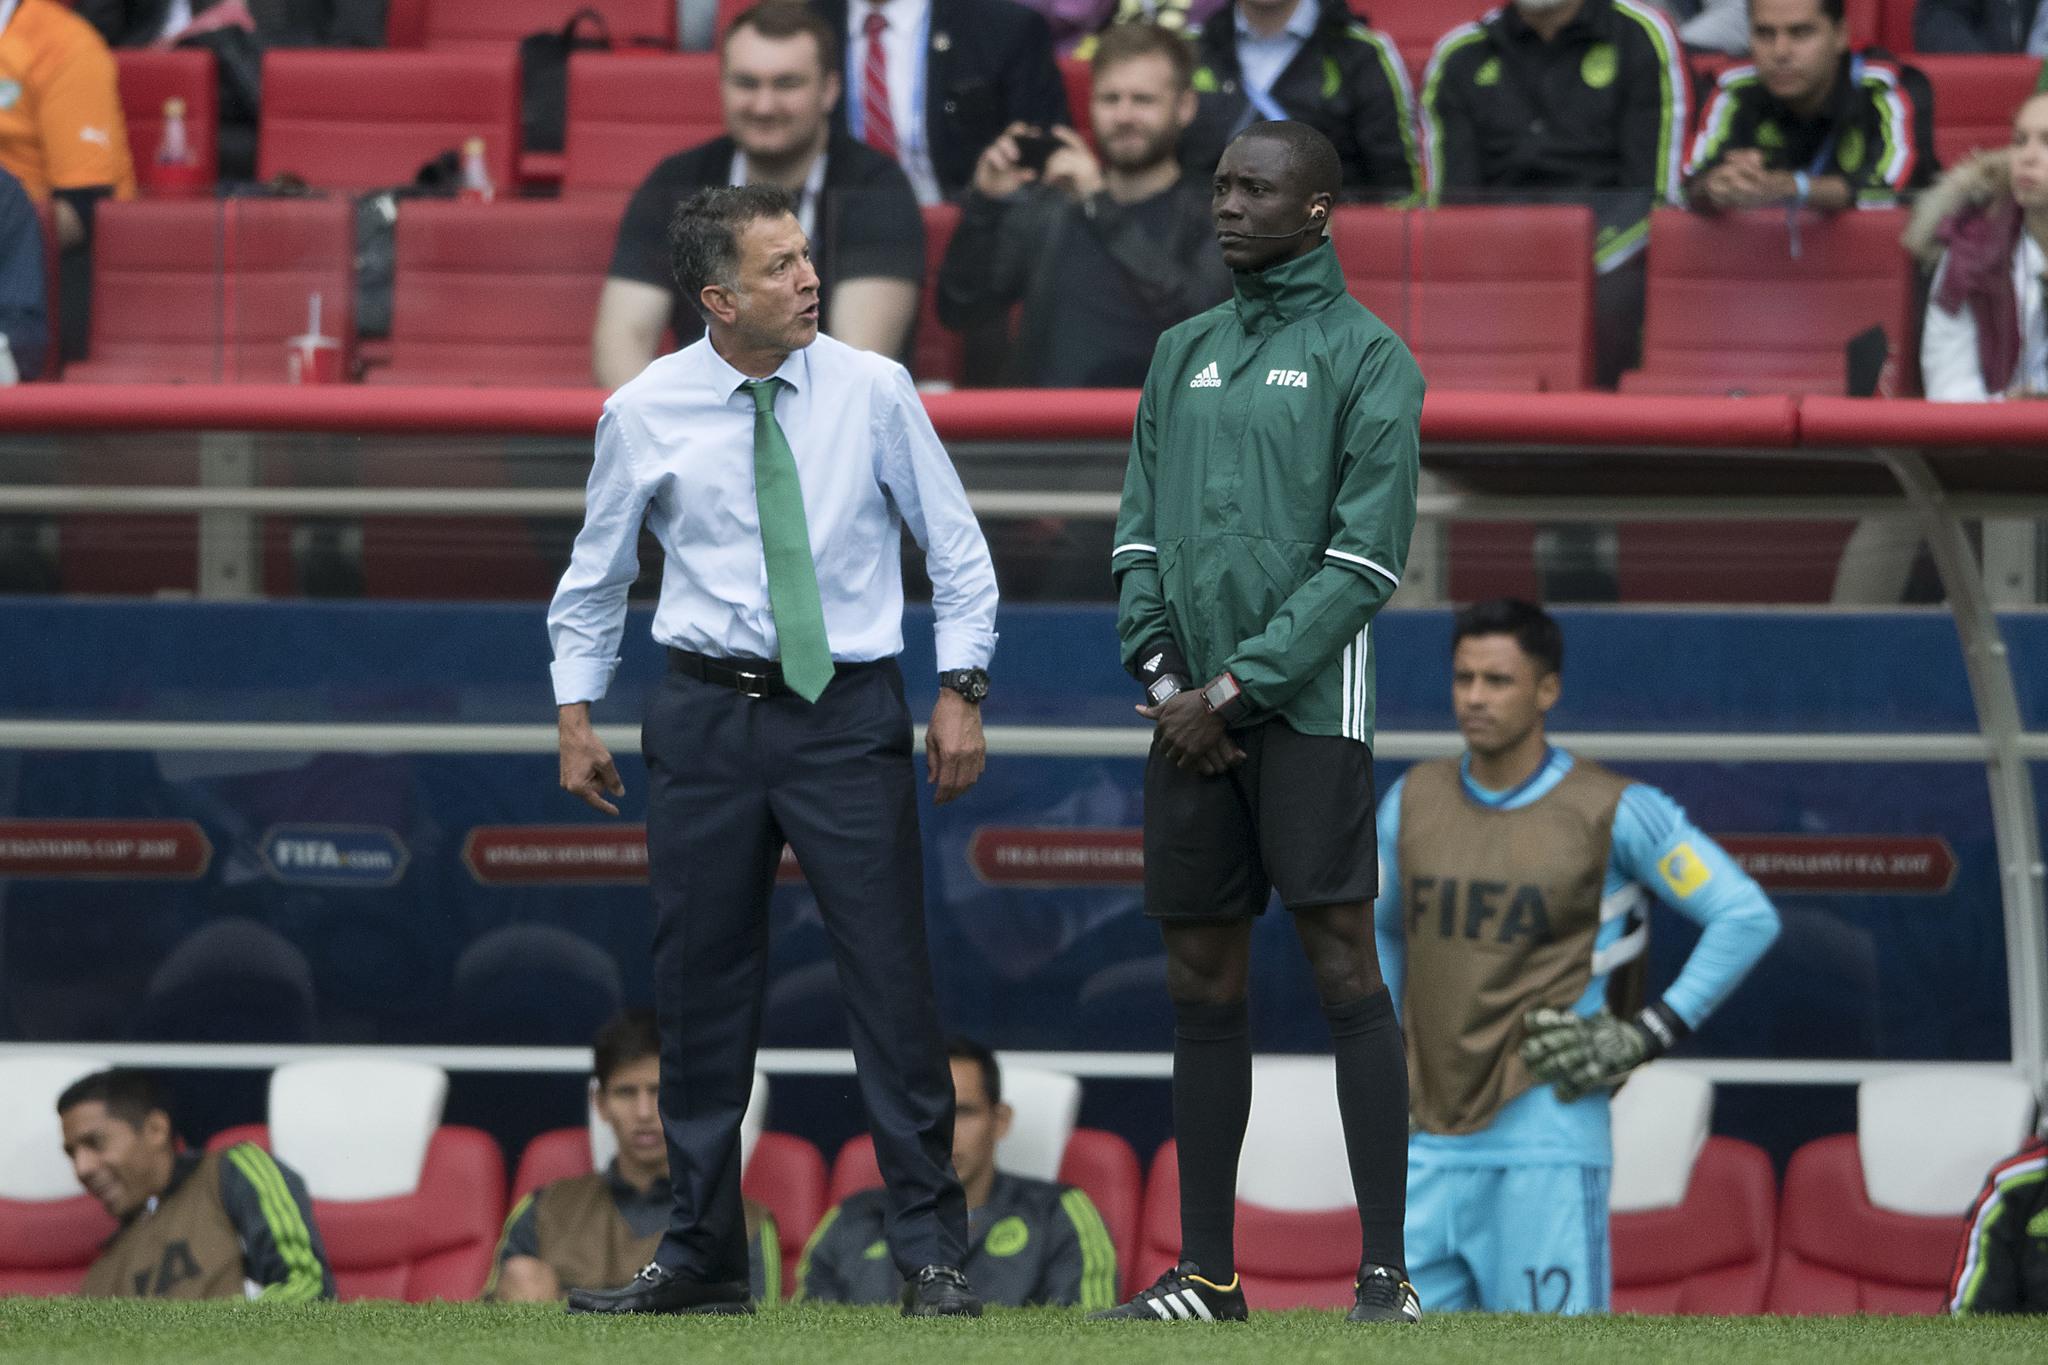 Osorio, encarando al árbitro, en duelo ante Portugal.